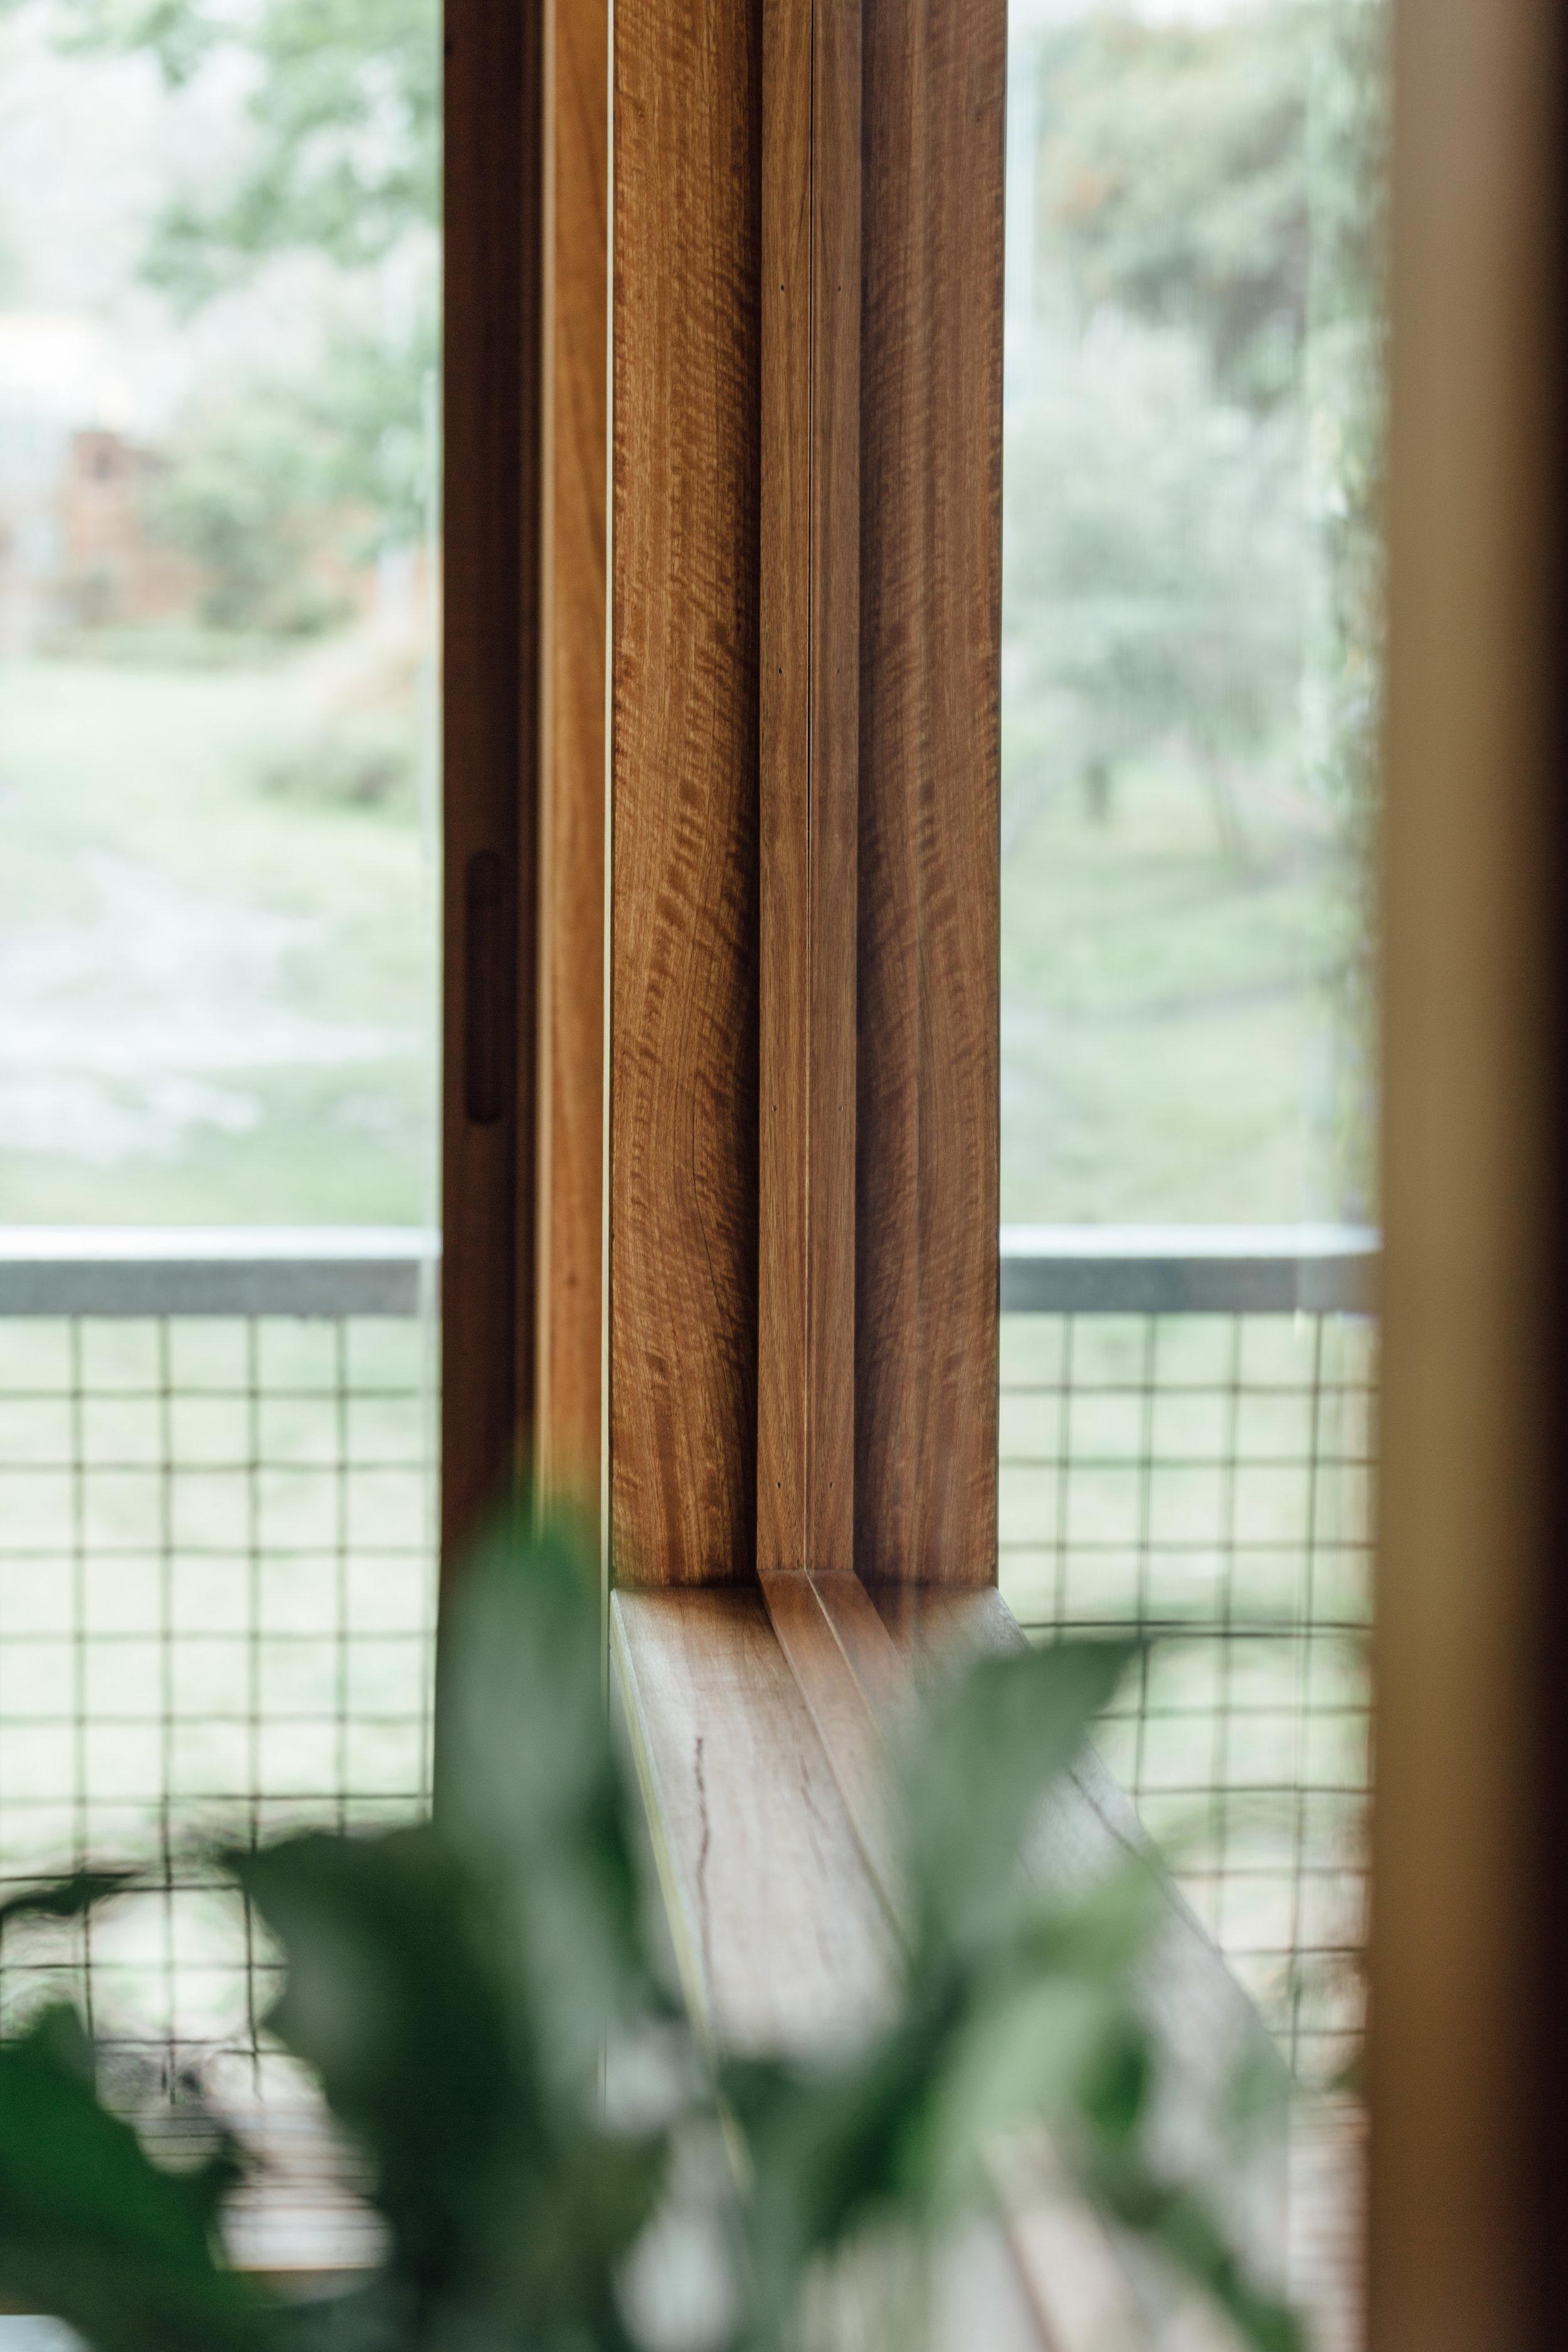 Takt exoskeleton house window detail